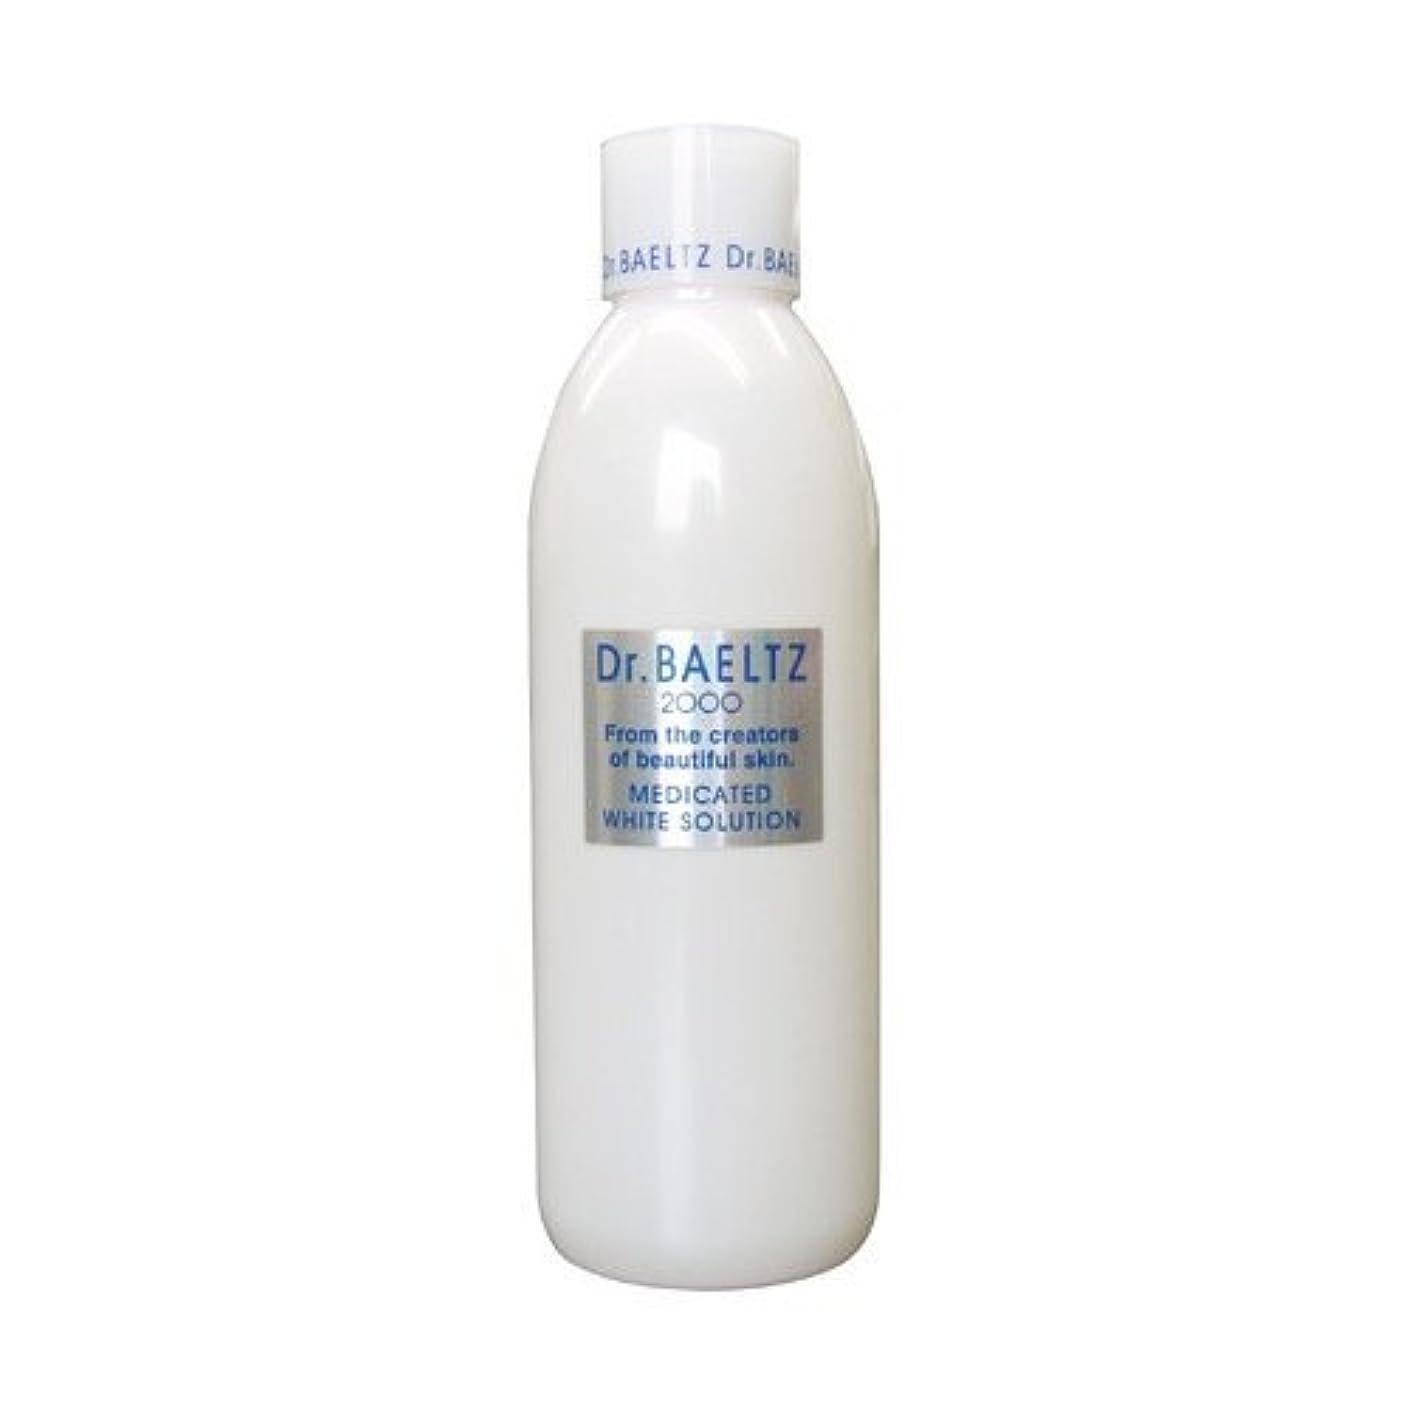 万一に備えて揃えるすばらしいですドクターベルツ(Dr.BAELTZ) 薬用ホワイトソリューション 300ml(美白化粧水 医薬部外品)